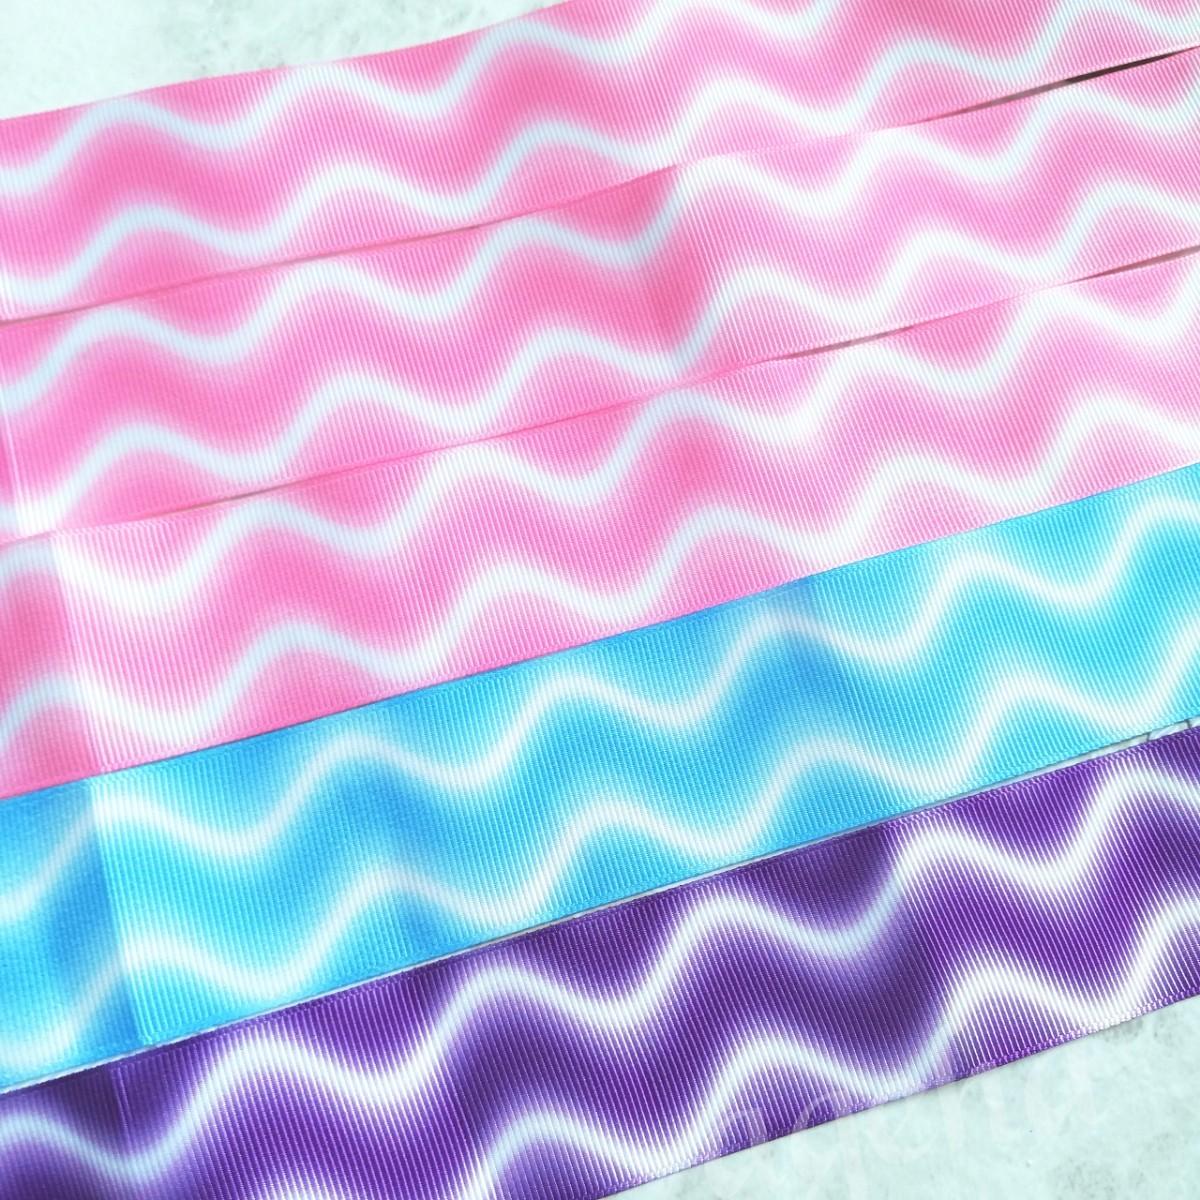 なみなみ柄 ピンク 水色 紫 パープル グログランリボン 38mm